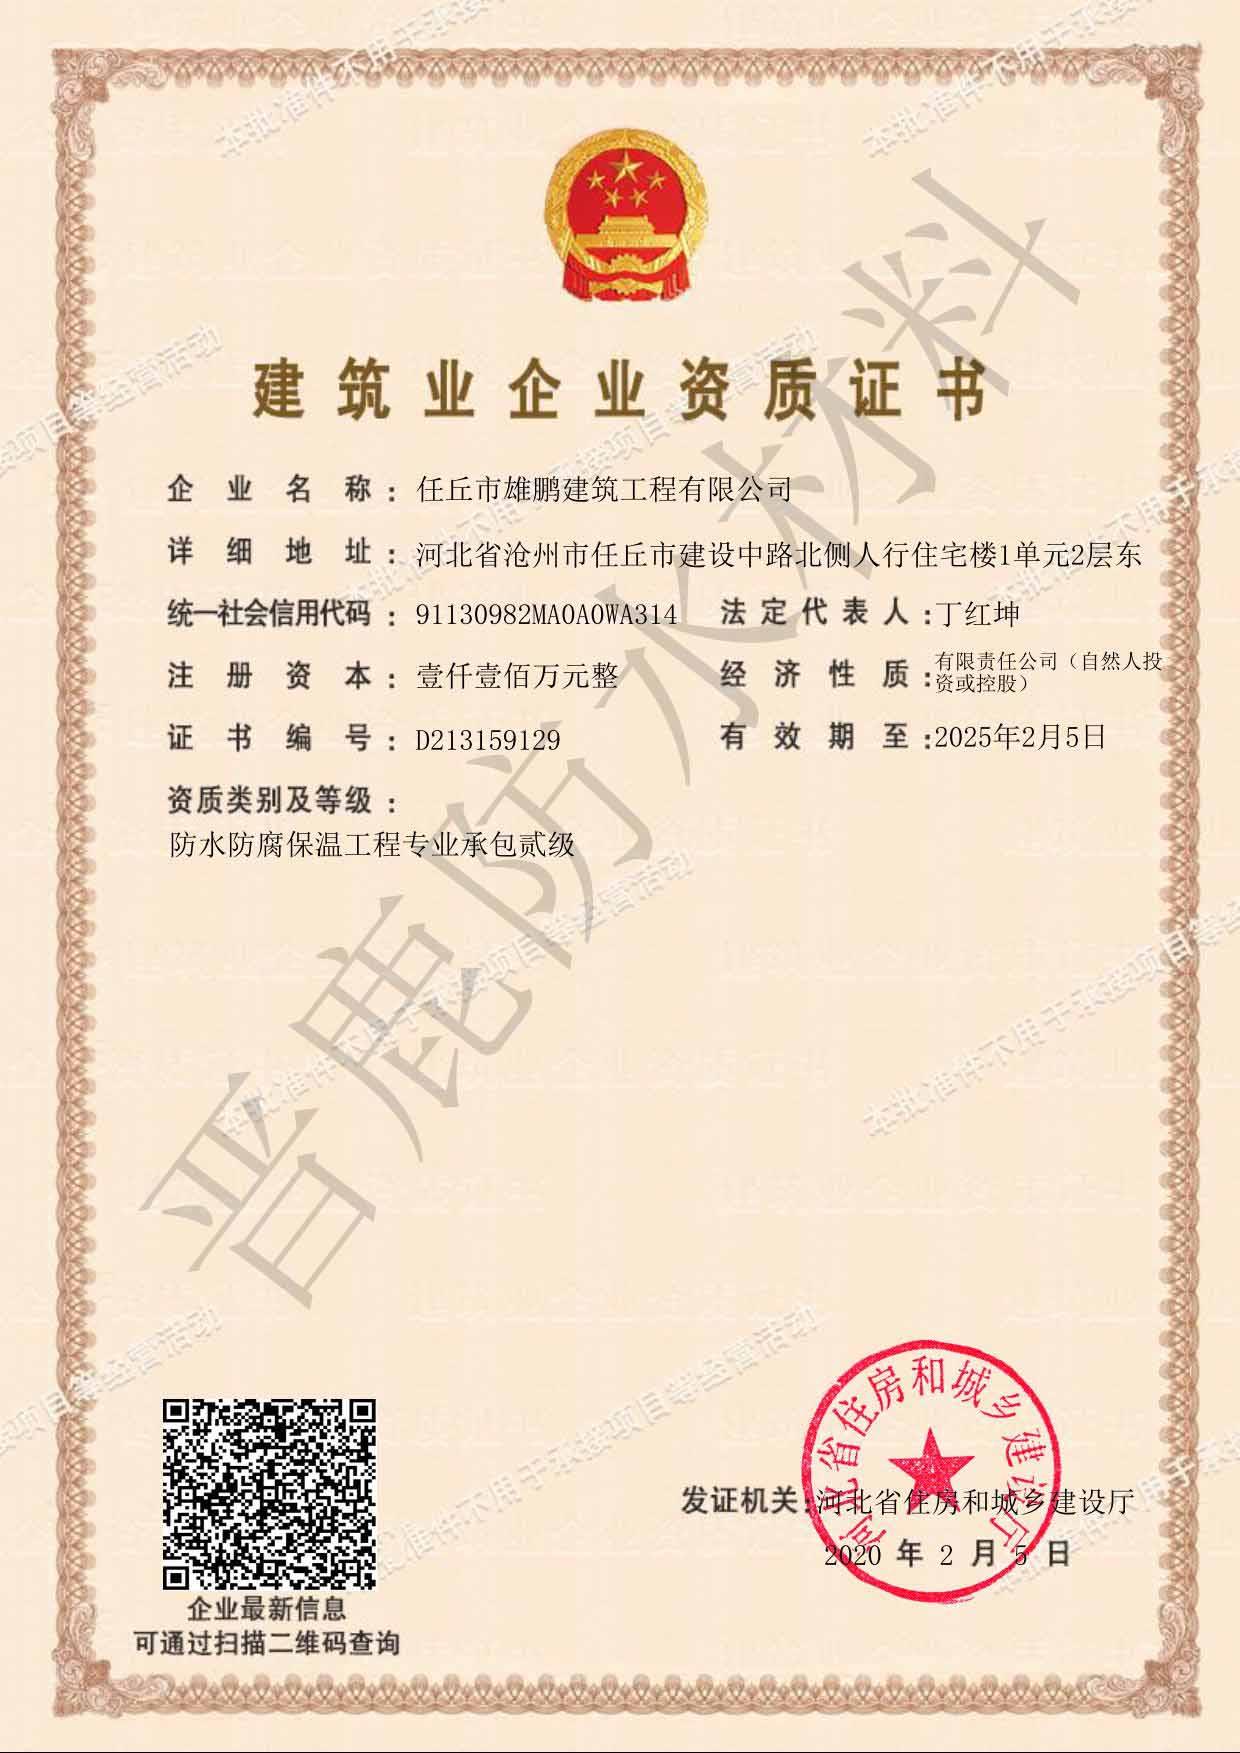 晋鹿防水建筑业企业资质证书